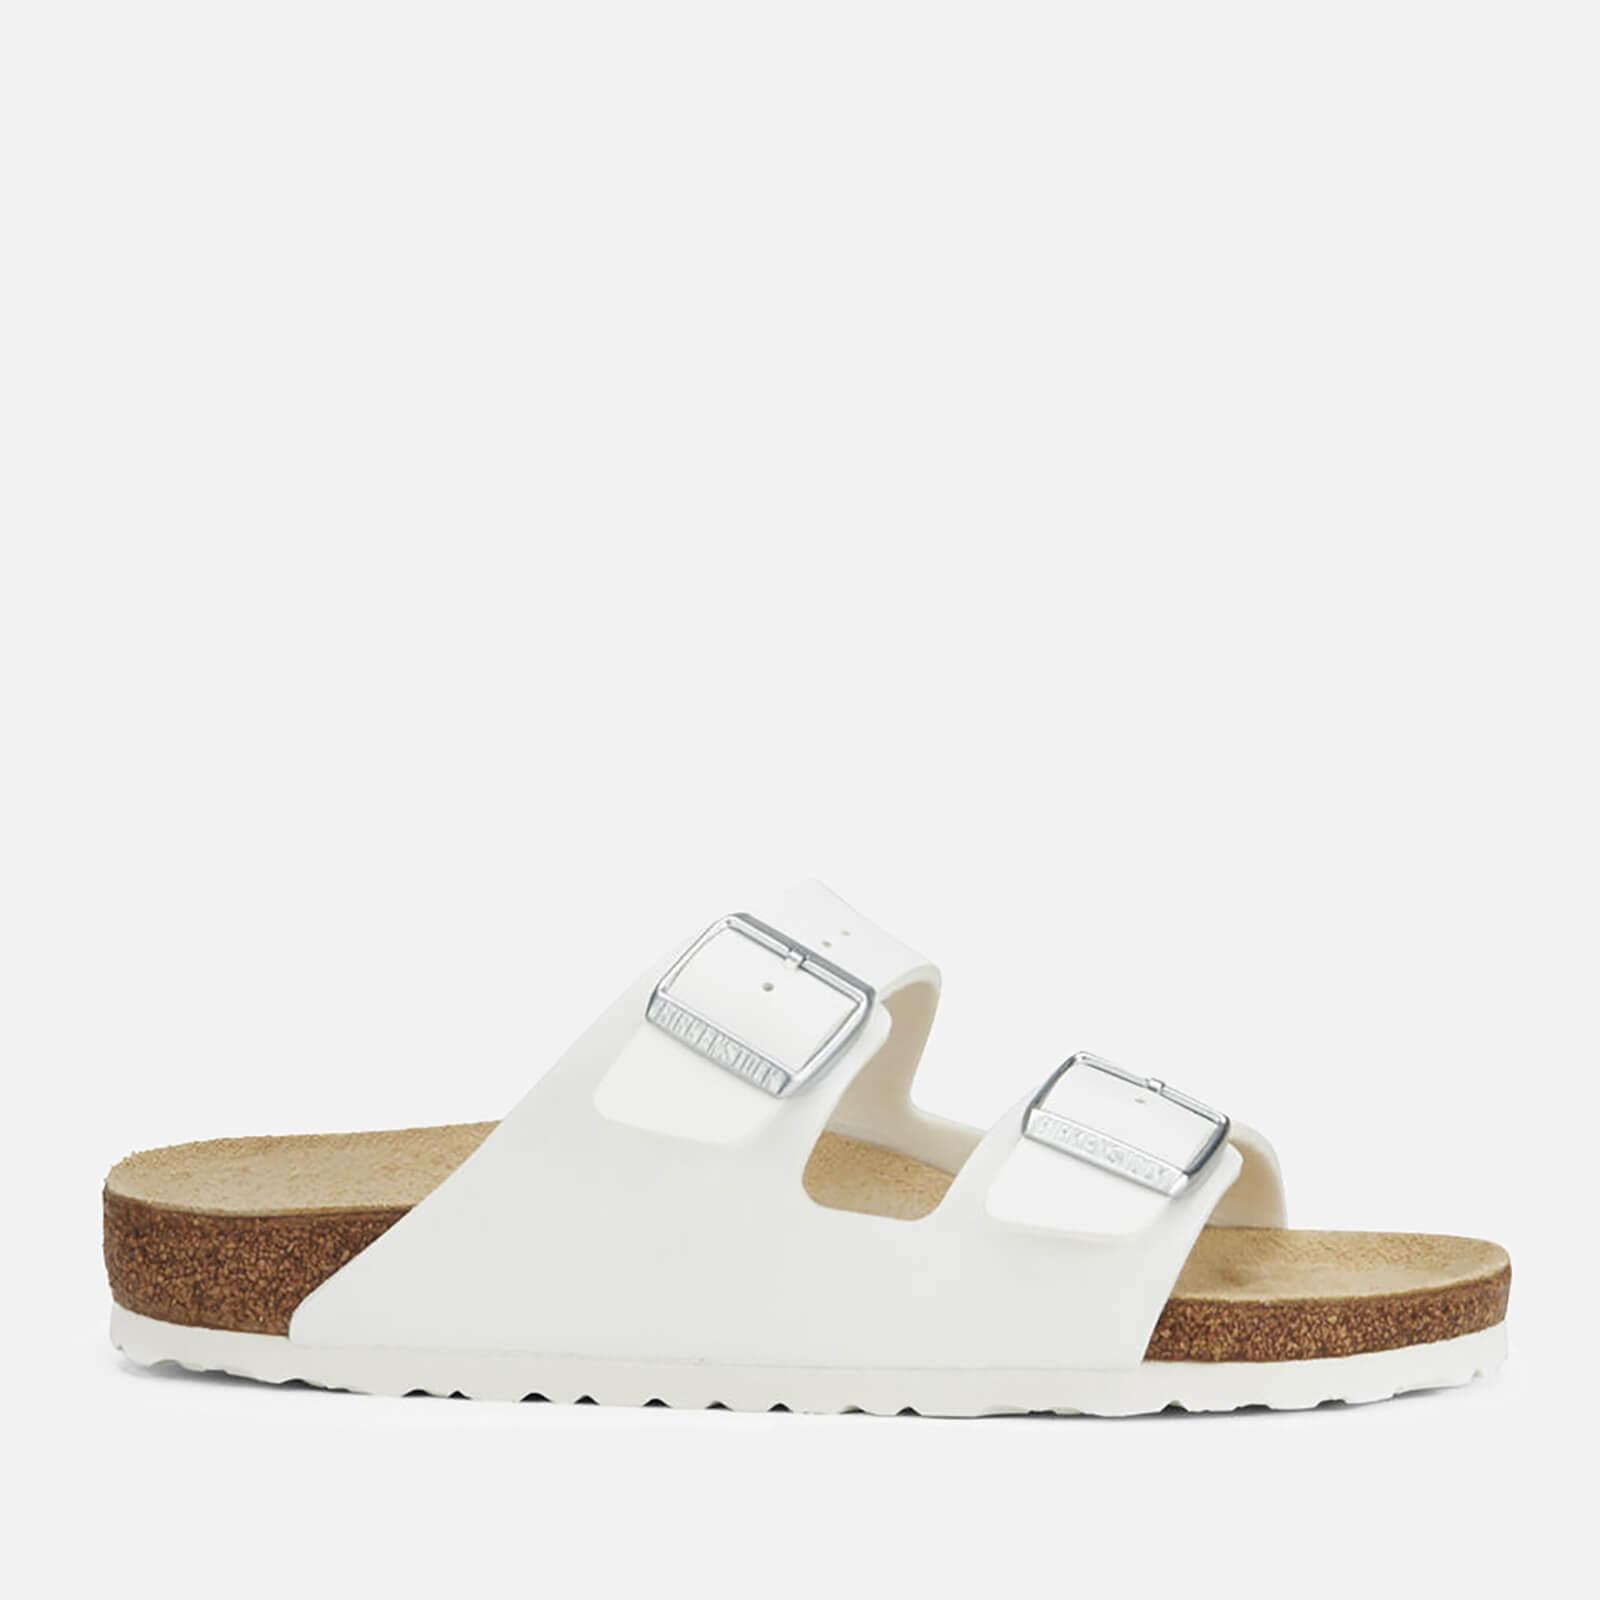 Birkenstock Men's Arizona Double Strap Sandals - White - EU 41/UK 7.5